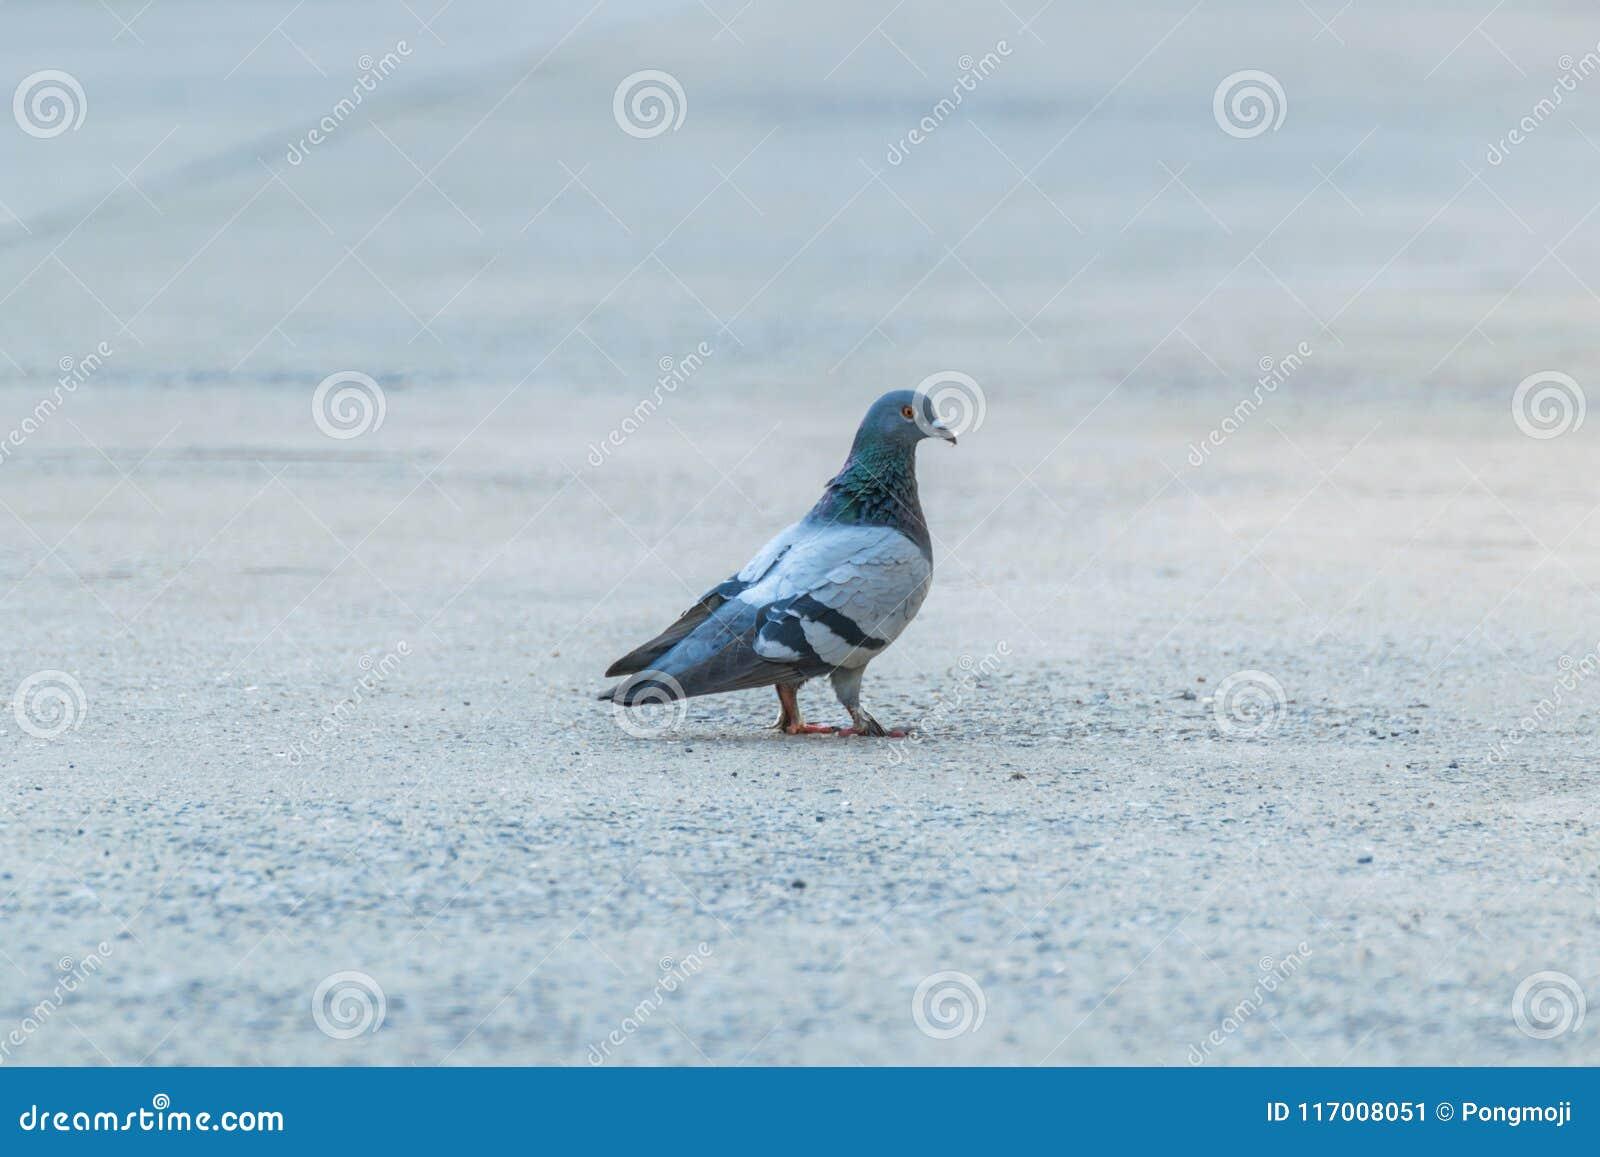 Oiseau (colombe, pigeon ou désambiguisation) dans une ville